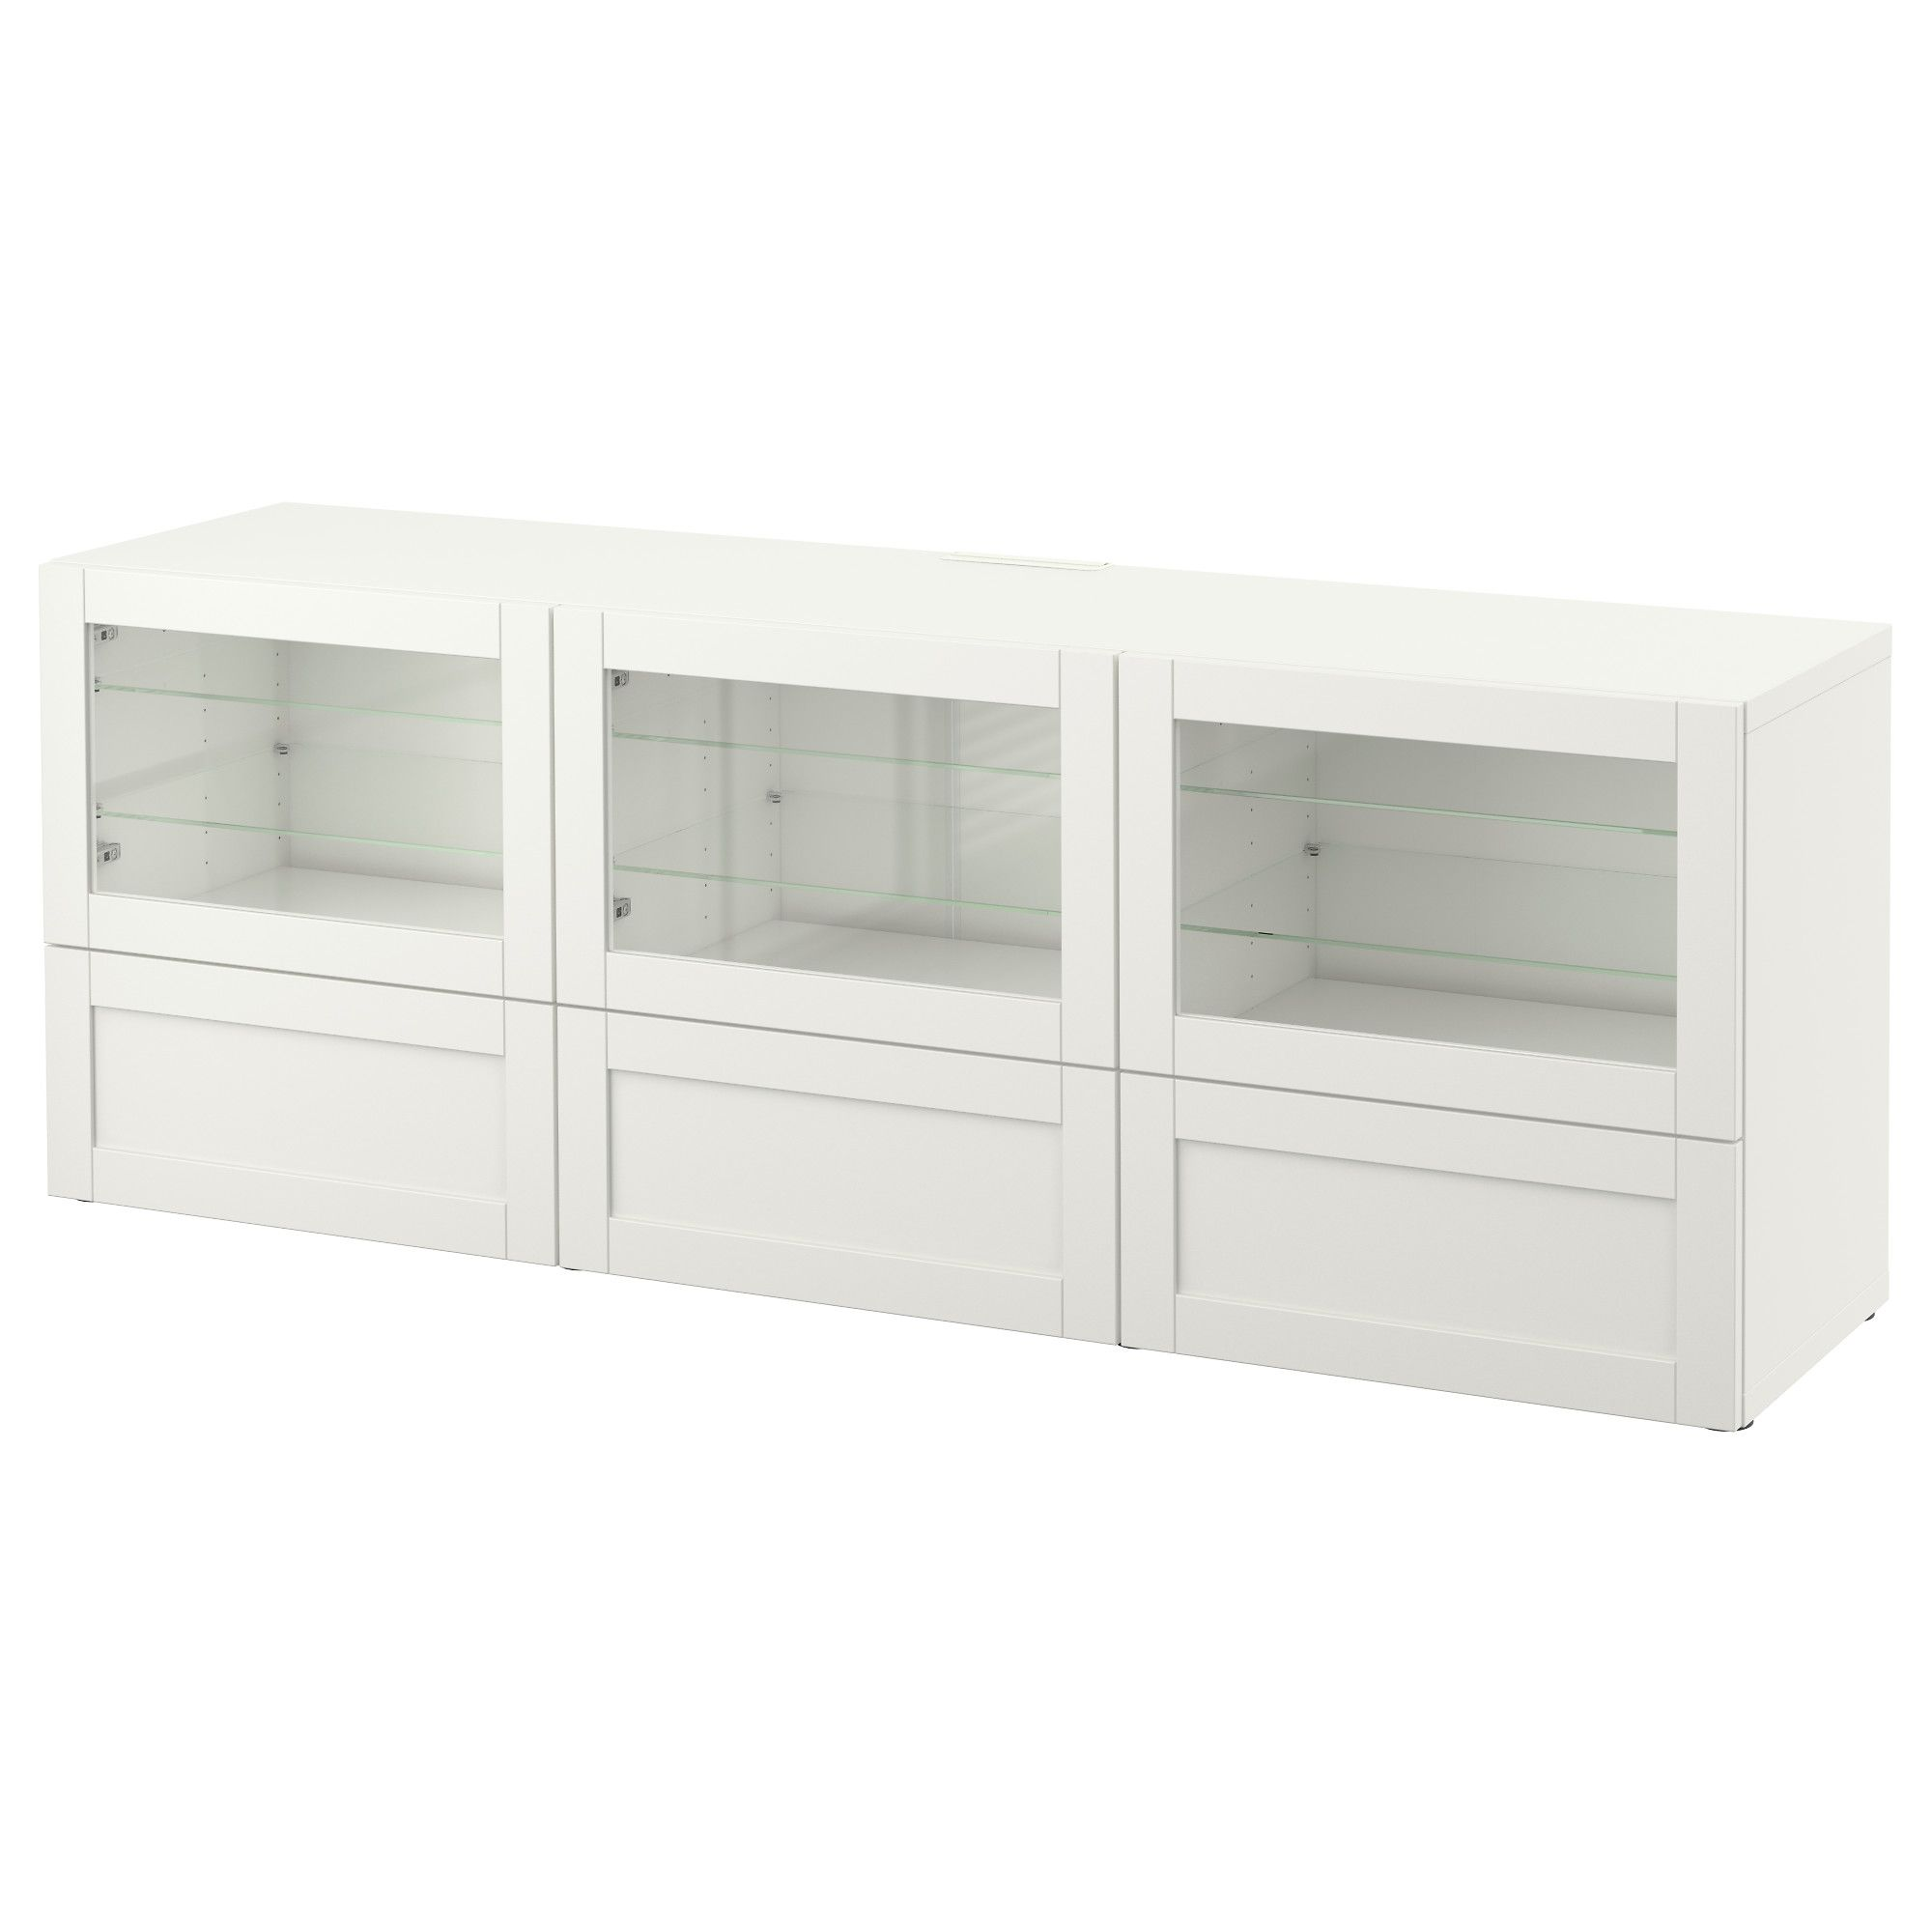 Ikea Besta Turen